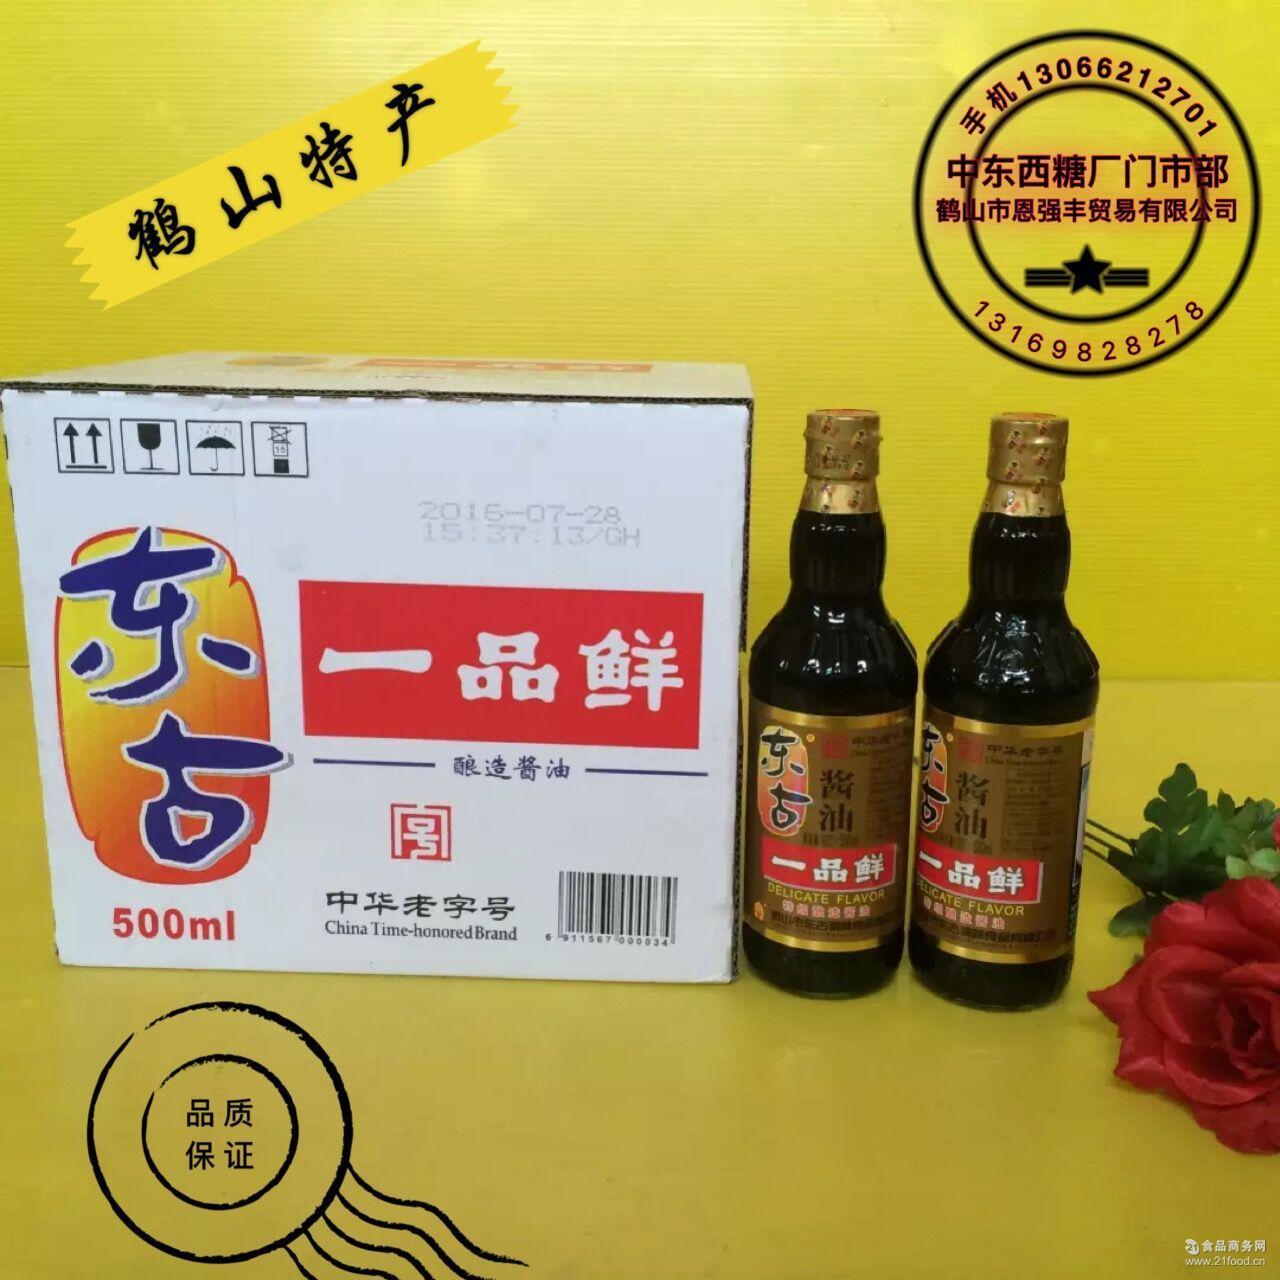 特级酱油生抽 *酿造酱油 500ml/瓶东古一品鲜酱油 鹤山特产